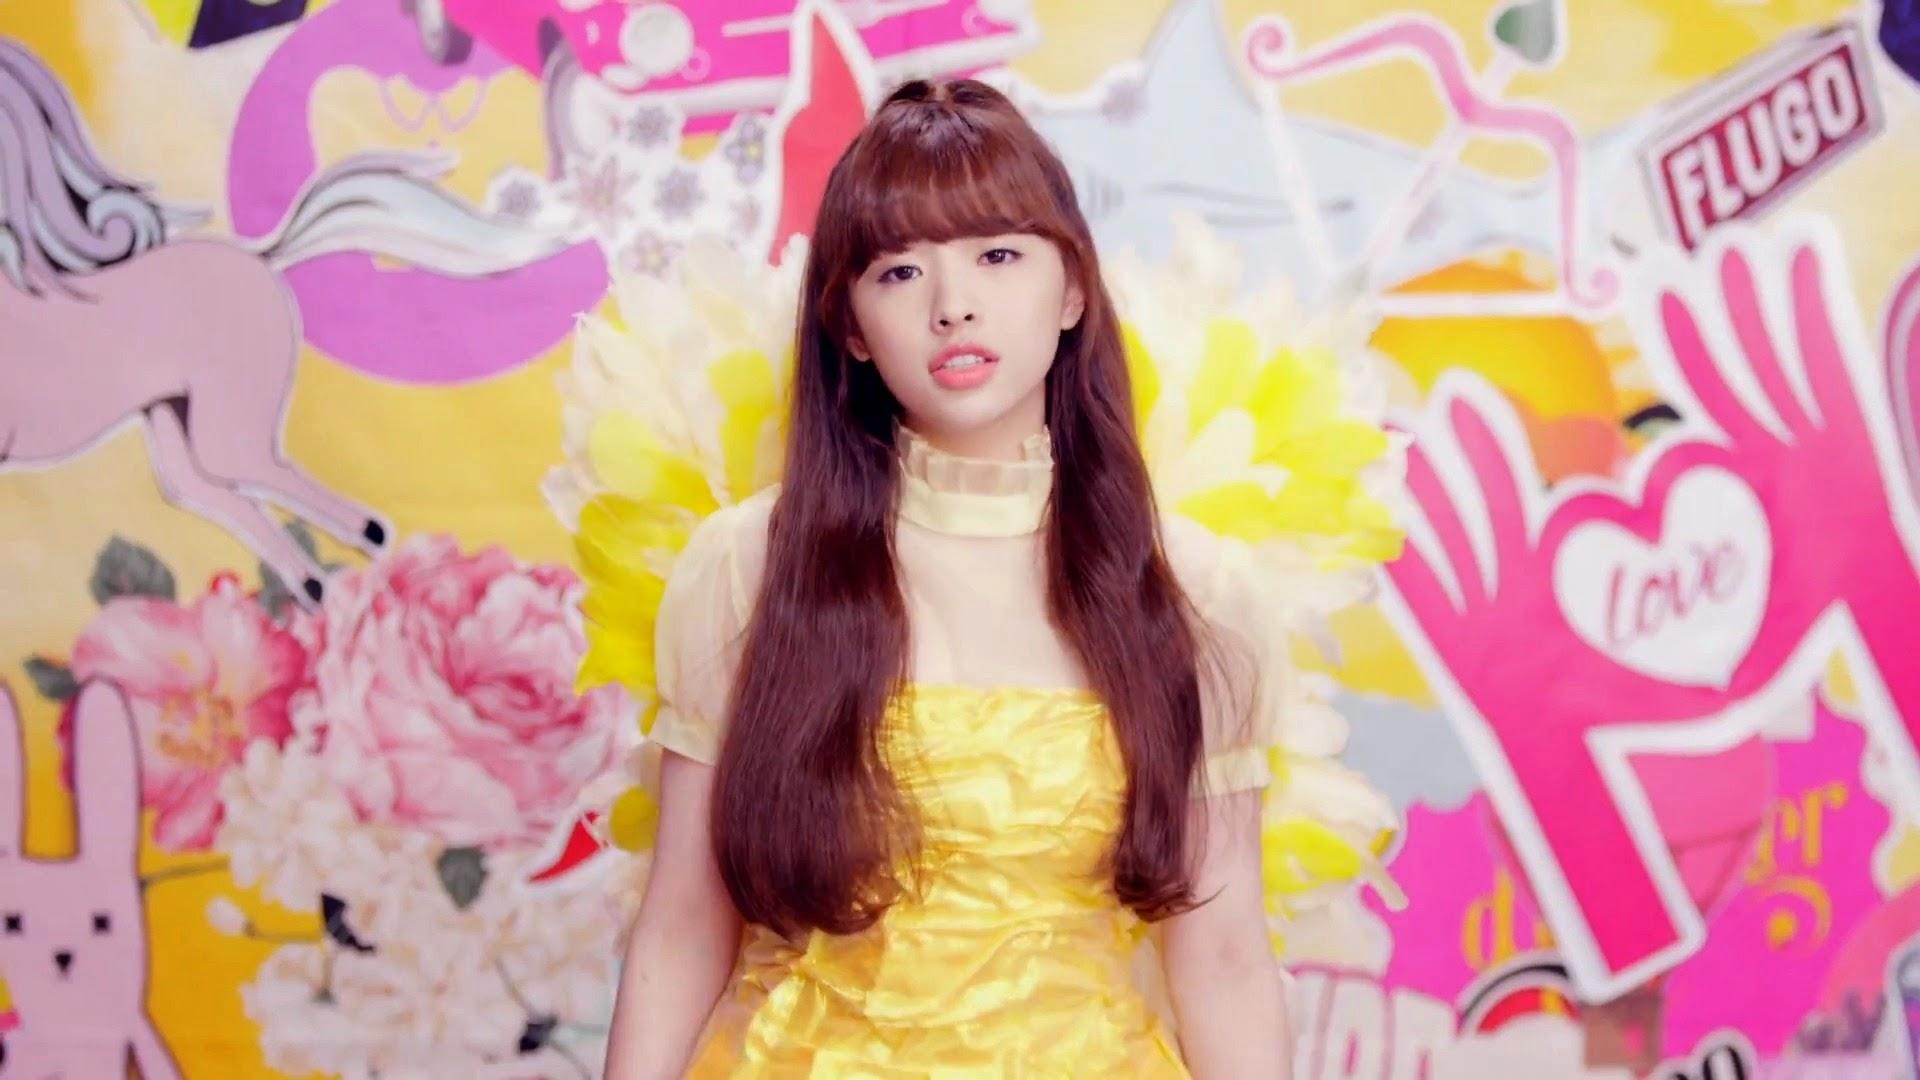 Oh My Girl's Jine in Cupid MV